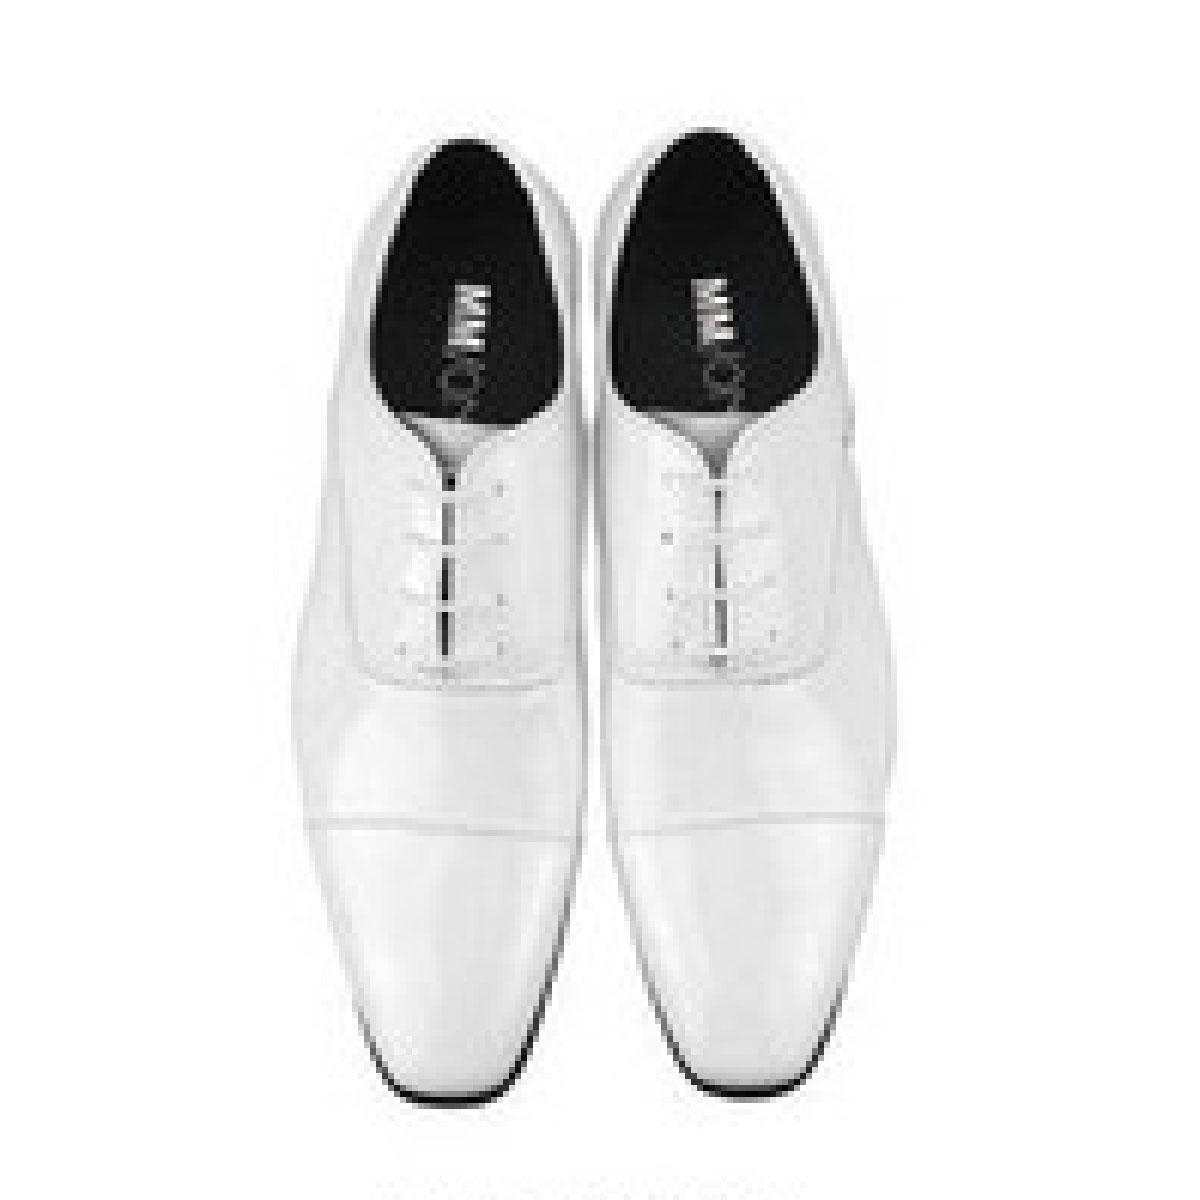 【年末SALE20%OFF】靴 新郎 シューズ 白 フォーマル (フォーマルシューズ ブライダルシューズ ウエディング メンズ 男性 小物 フォーマル)ホワイト [M24]【送料無料】